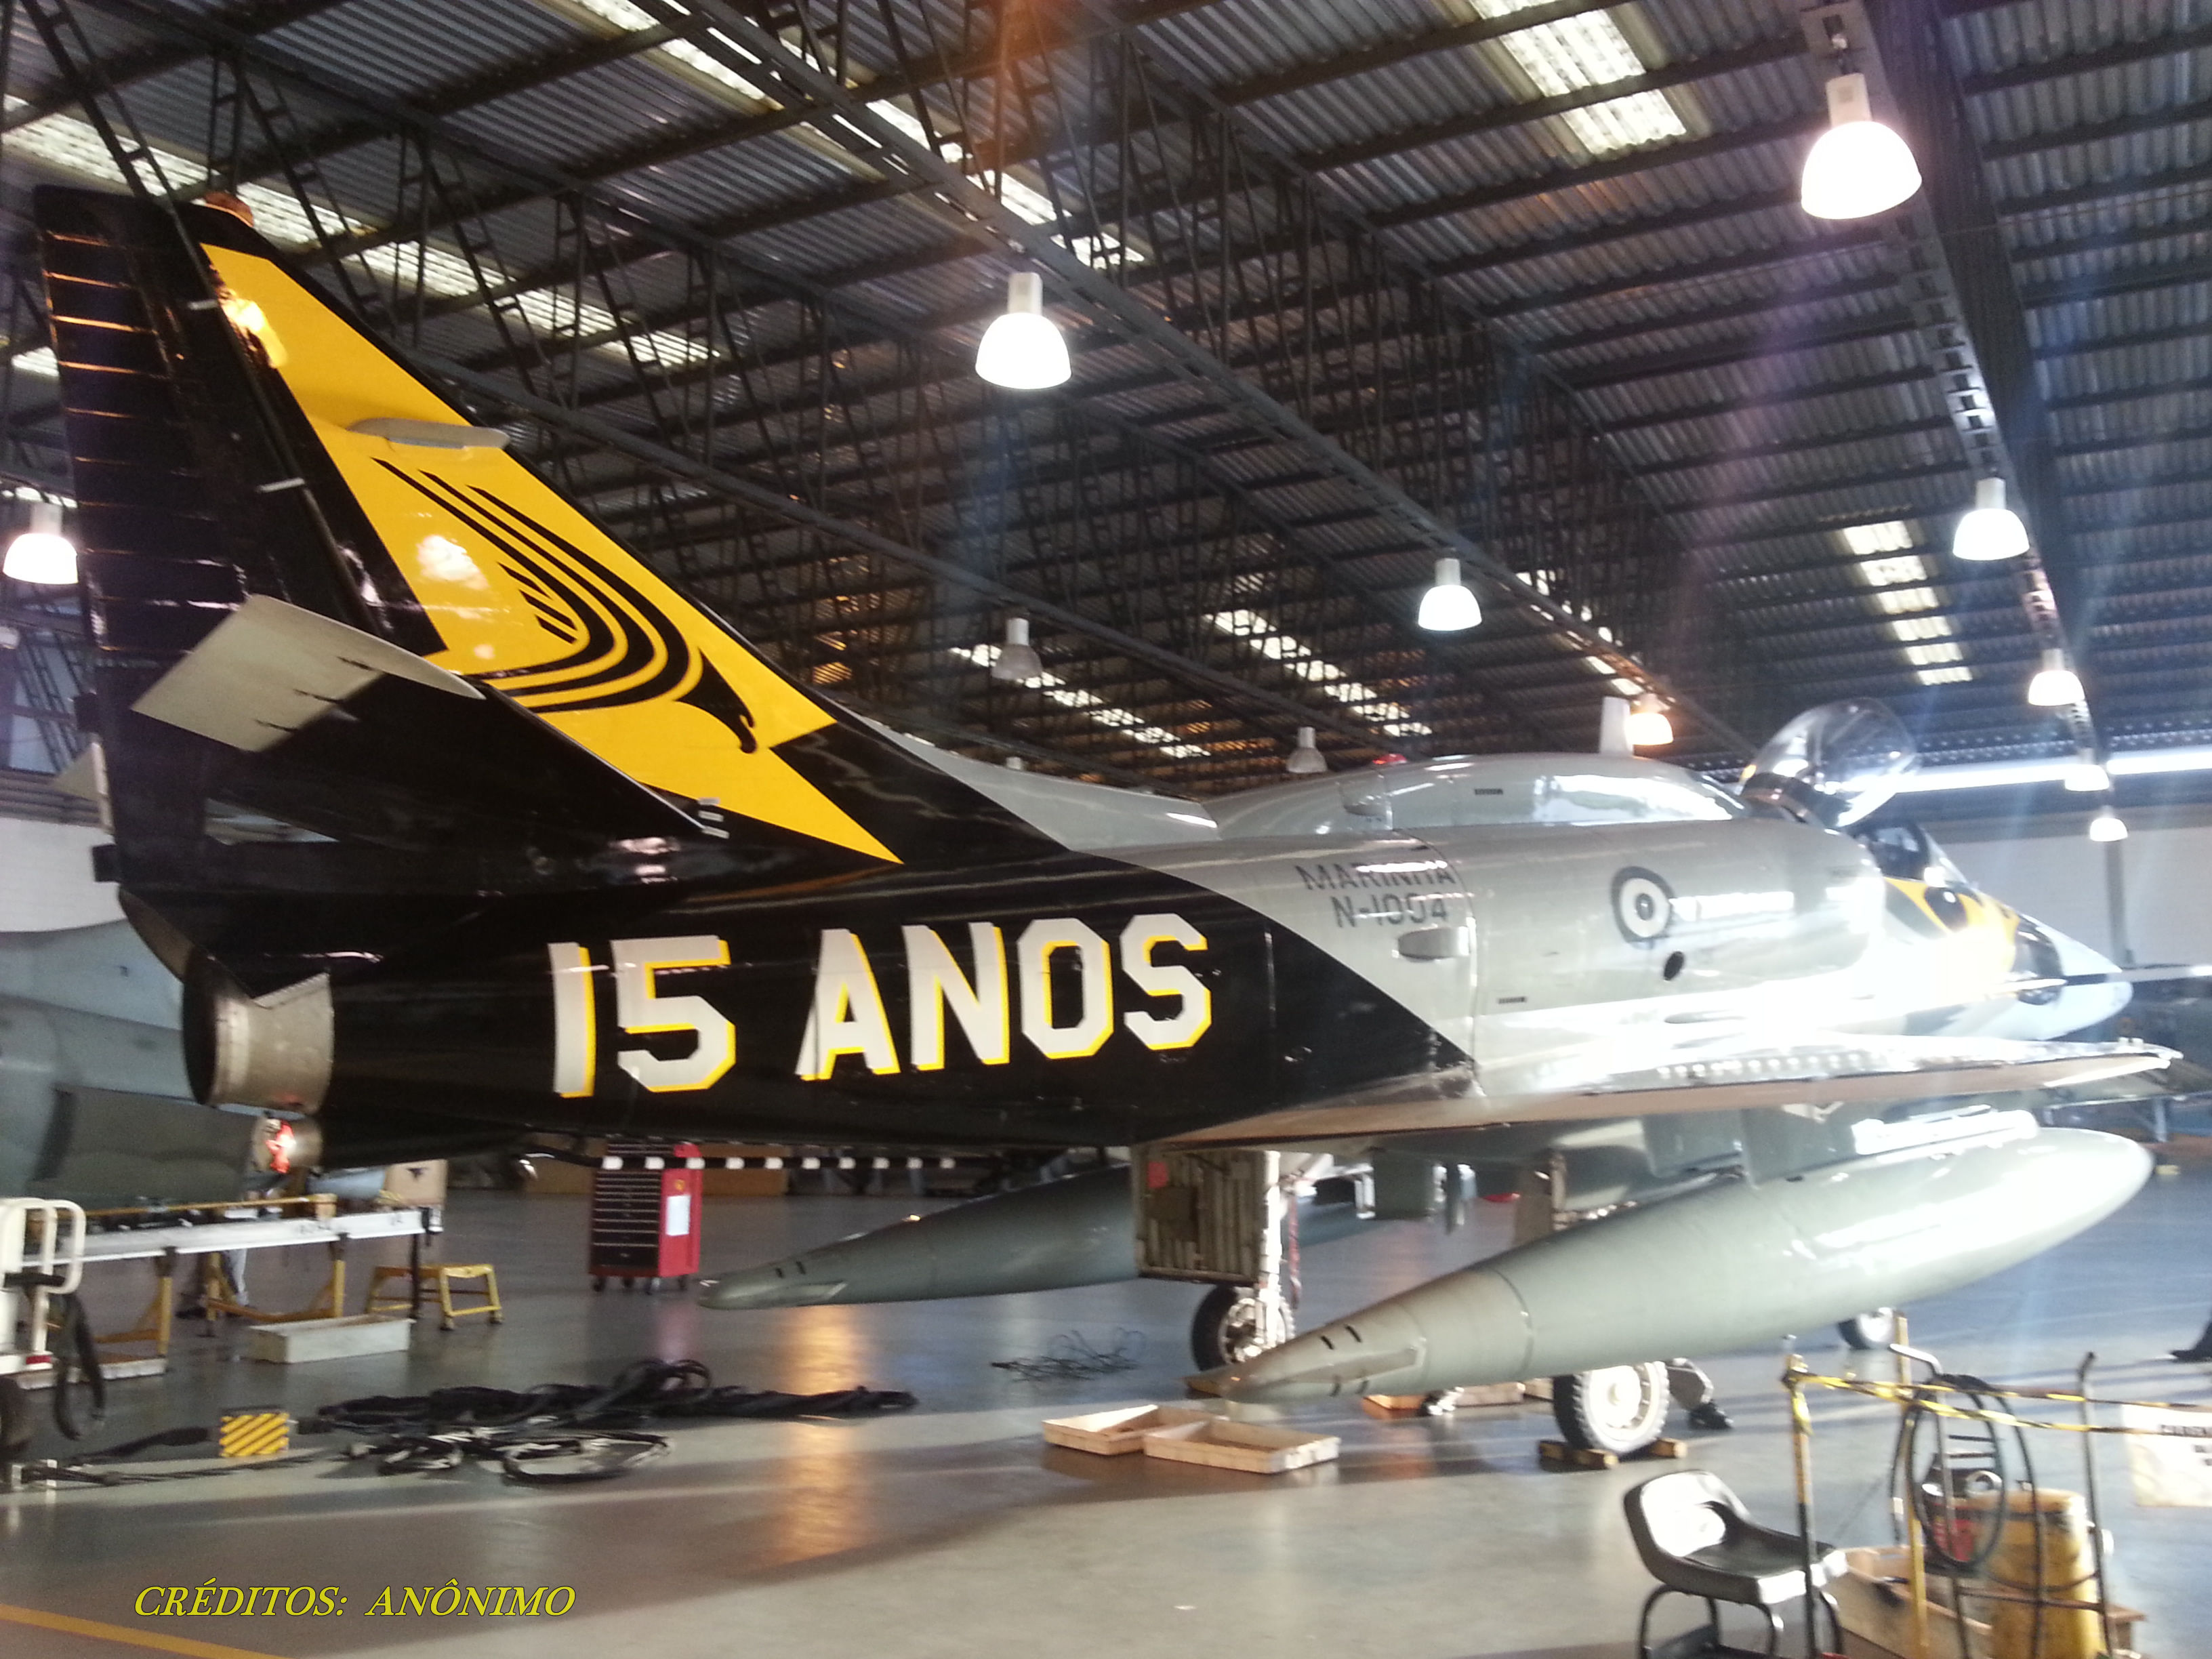 ATUALIZADO: Olhando de perto a pintura comemorativa do VF-1 (Vídeo)